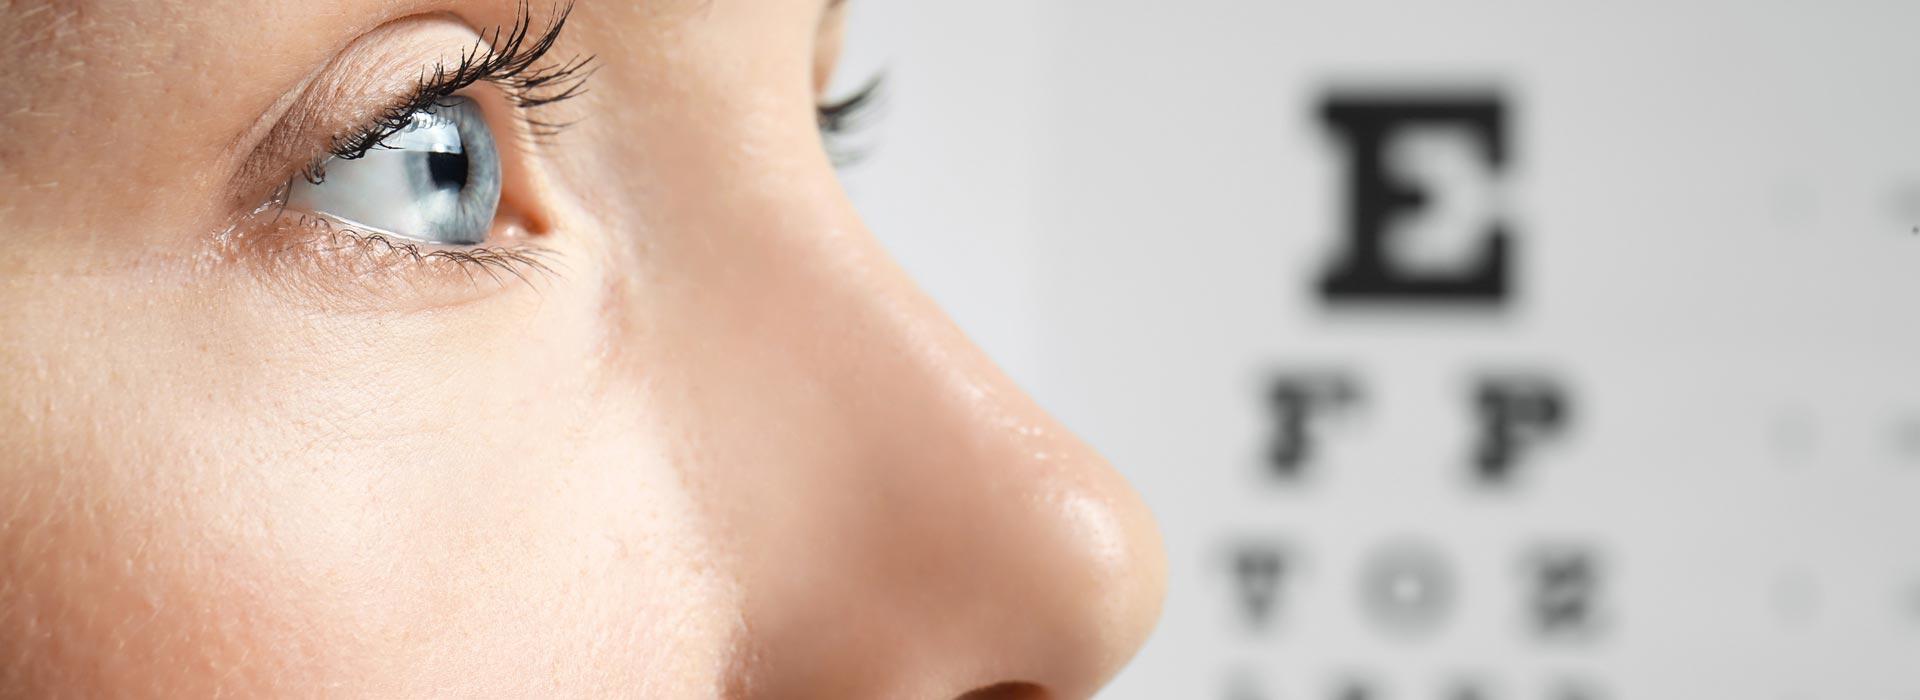 Badanie wzroku - profil młodej kobiety, w tle tablica okulistyczna